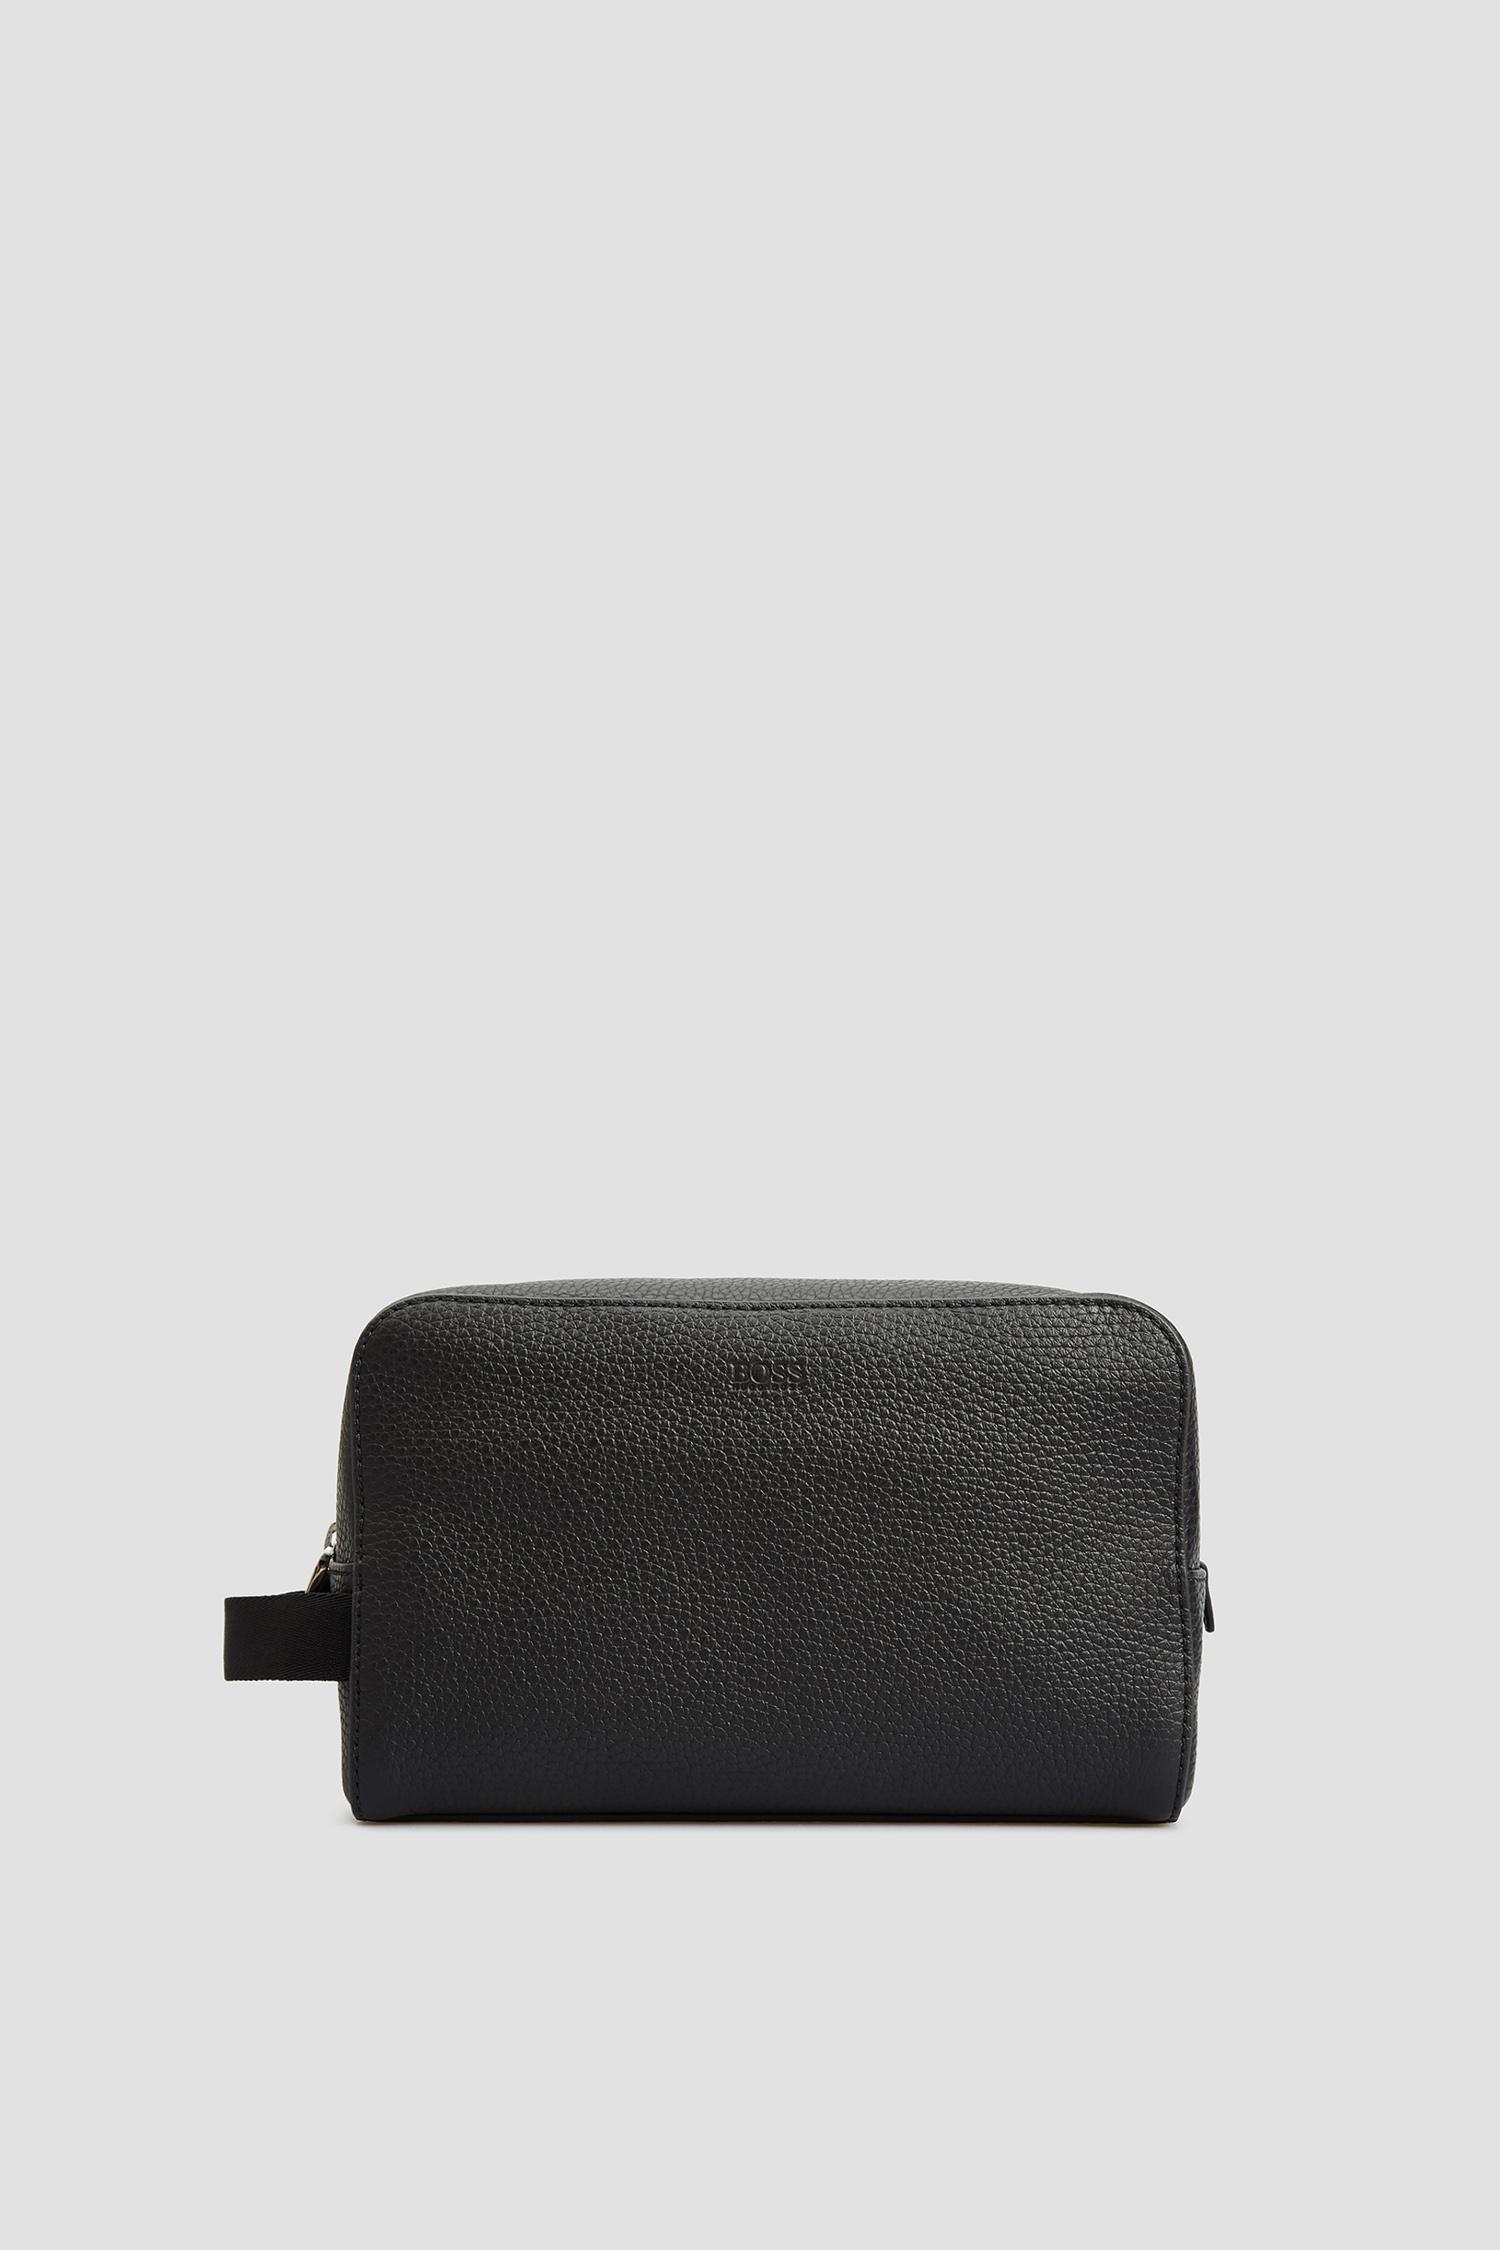 Черный кожаный несессер для парней BOSS 50402637;001